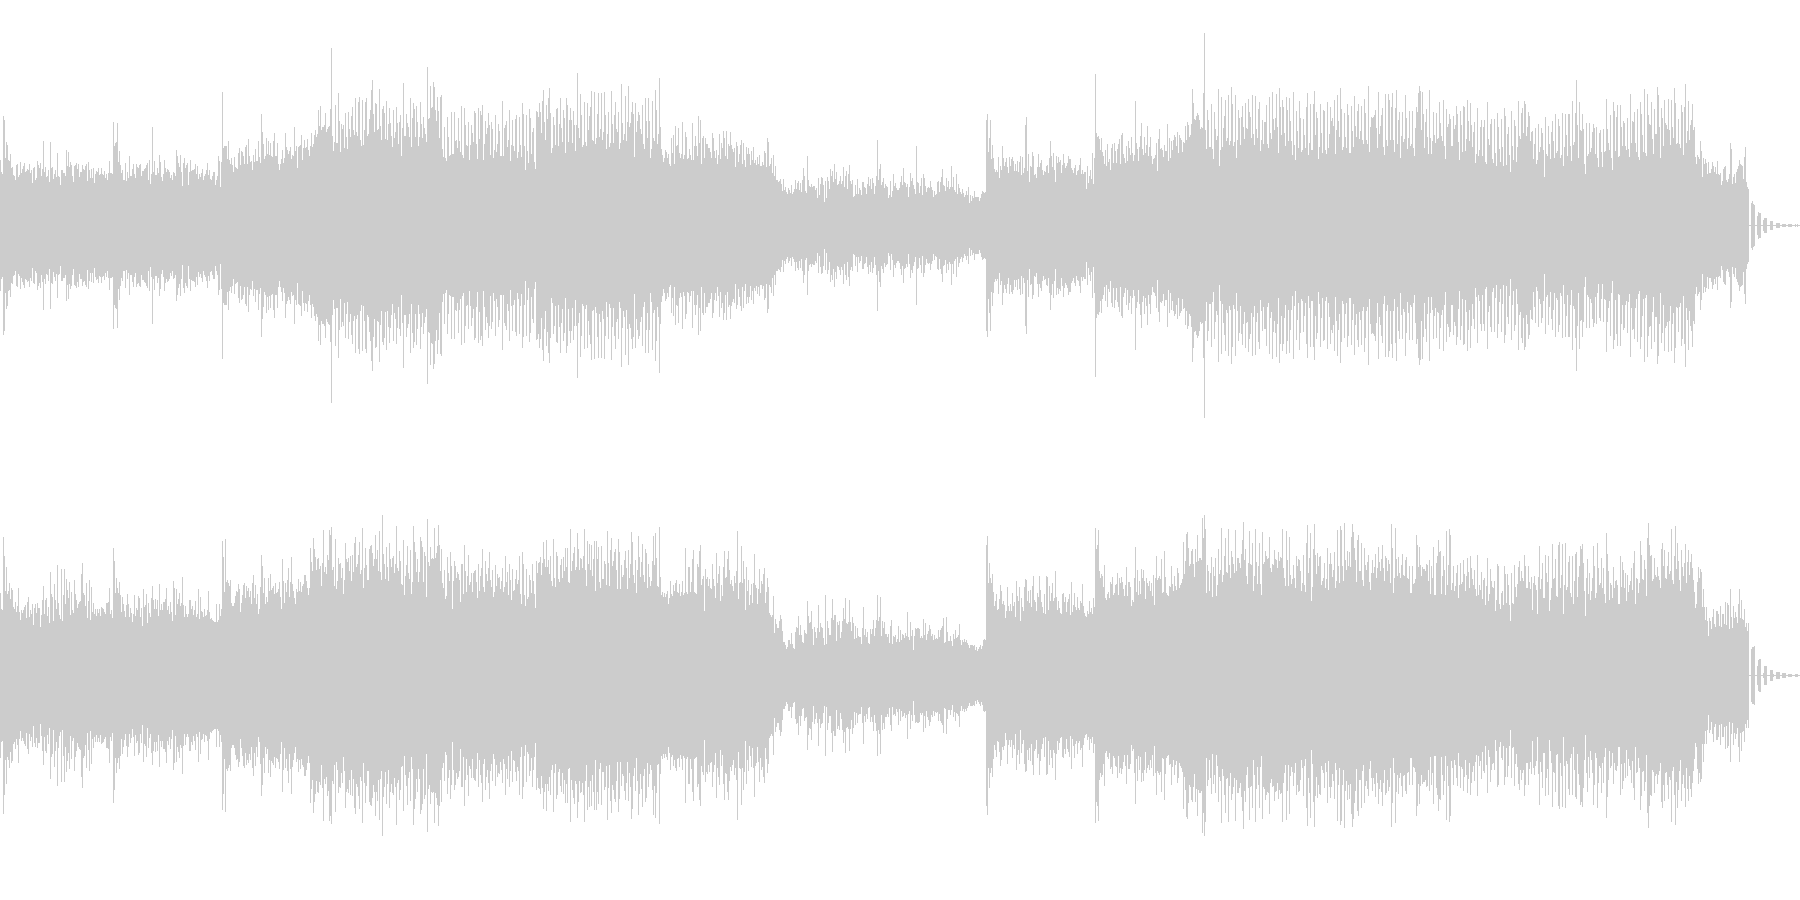 機械的で浮遊感あるシンセサイザーの曲の未再生の波形